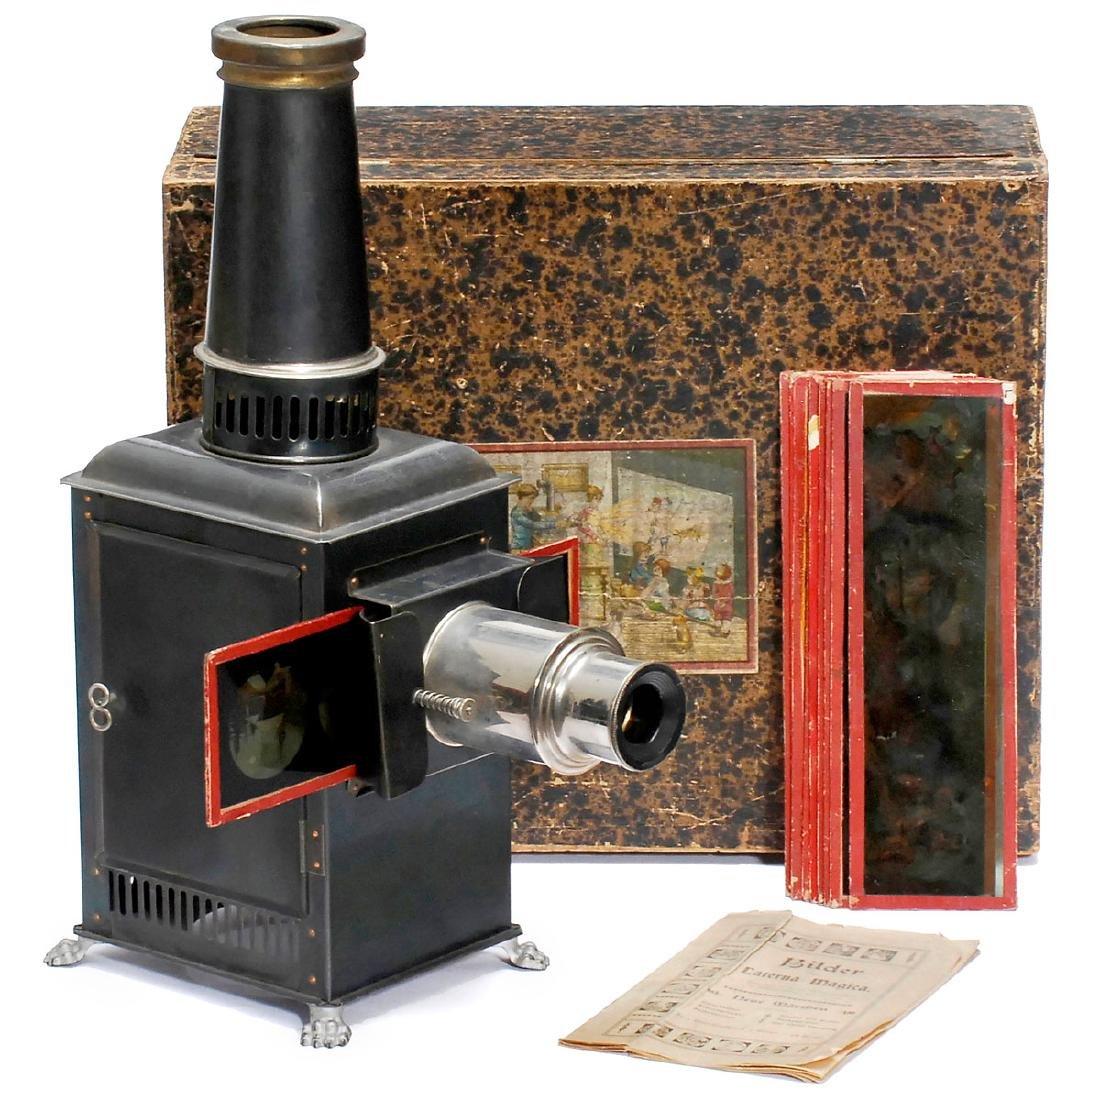 Magic Lantern by Gebr. Bing, c. 1900